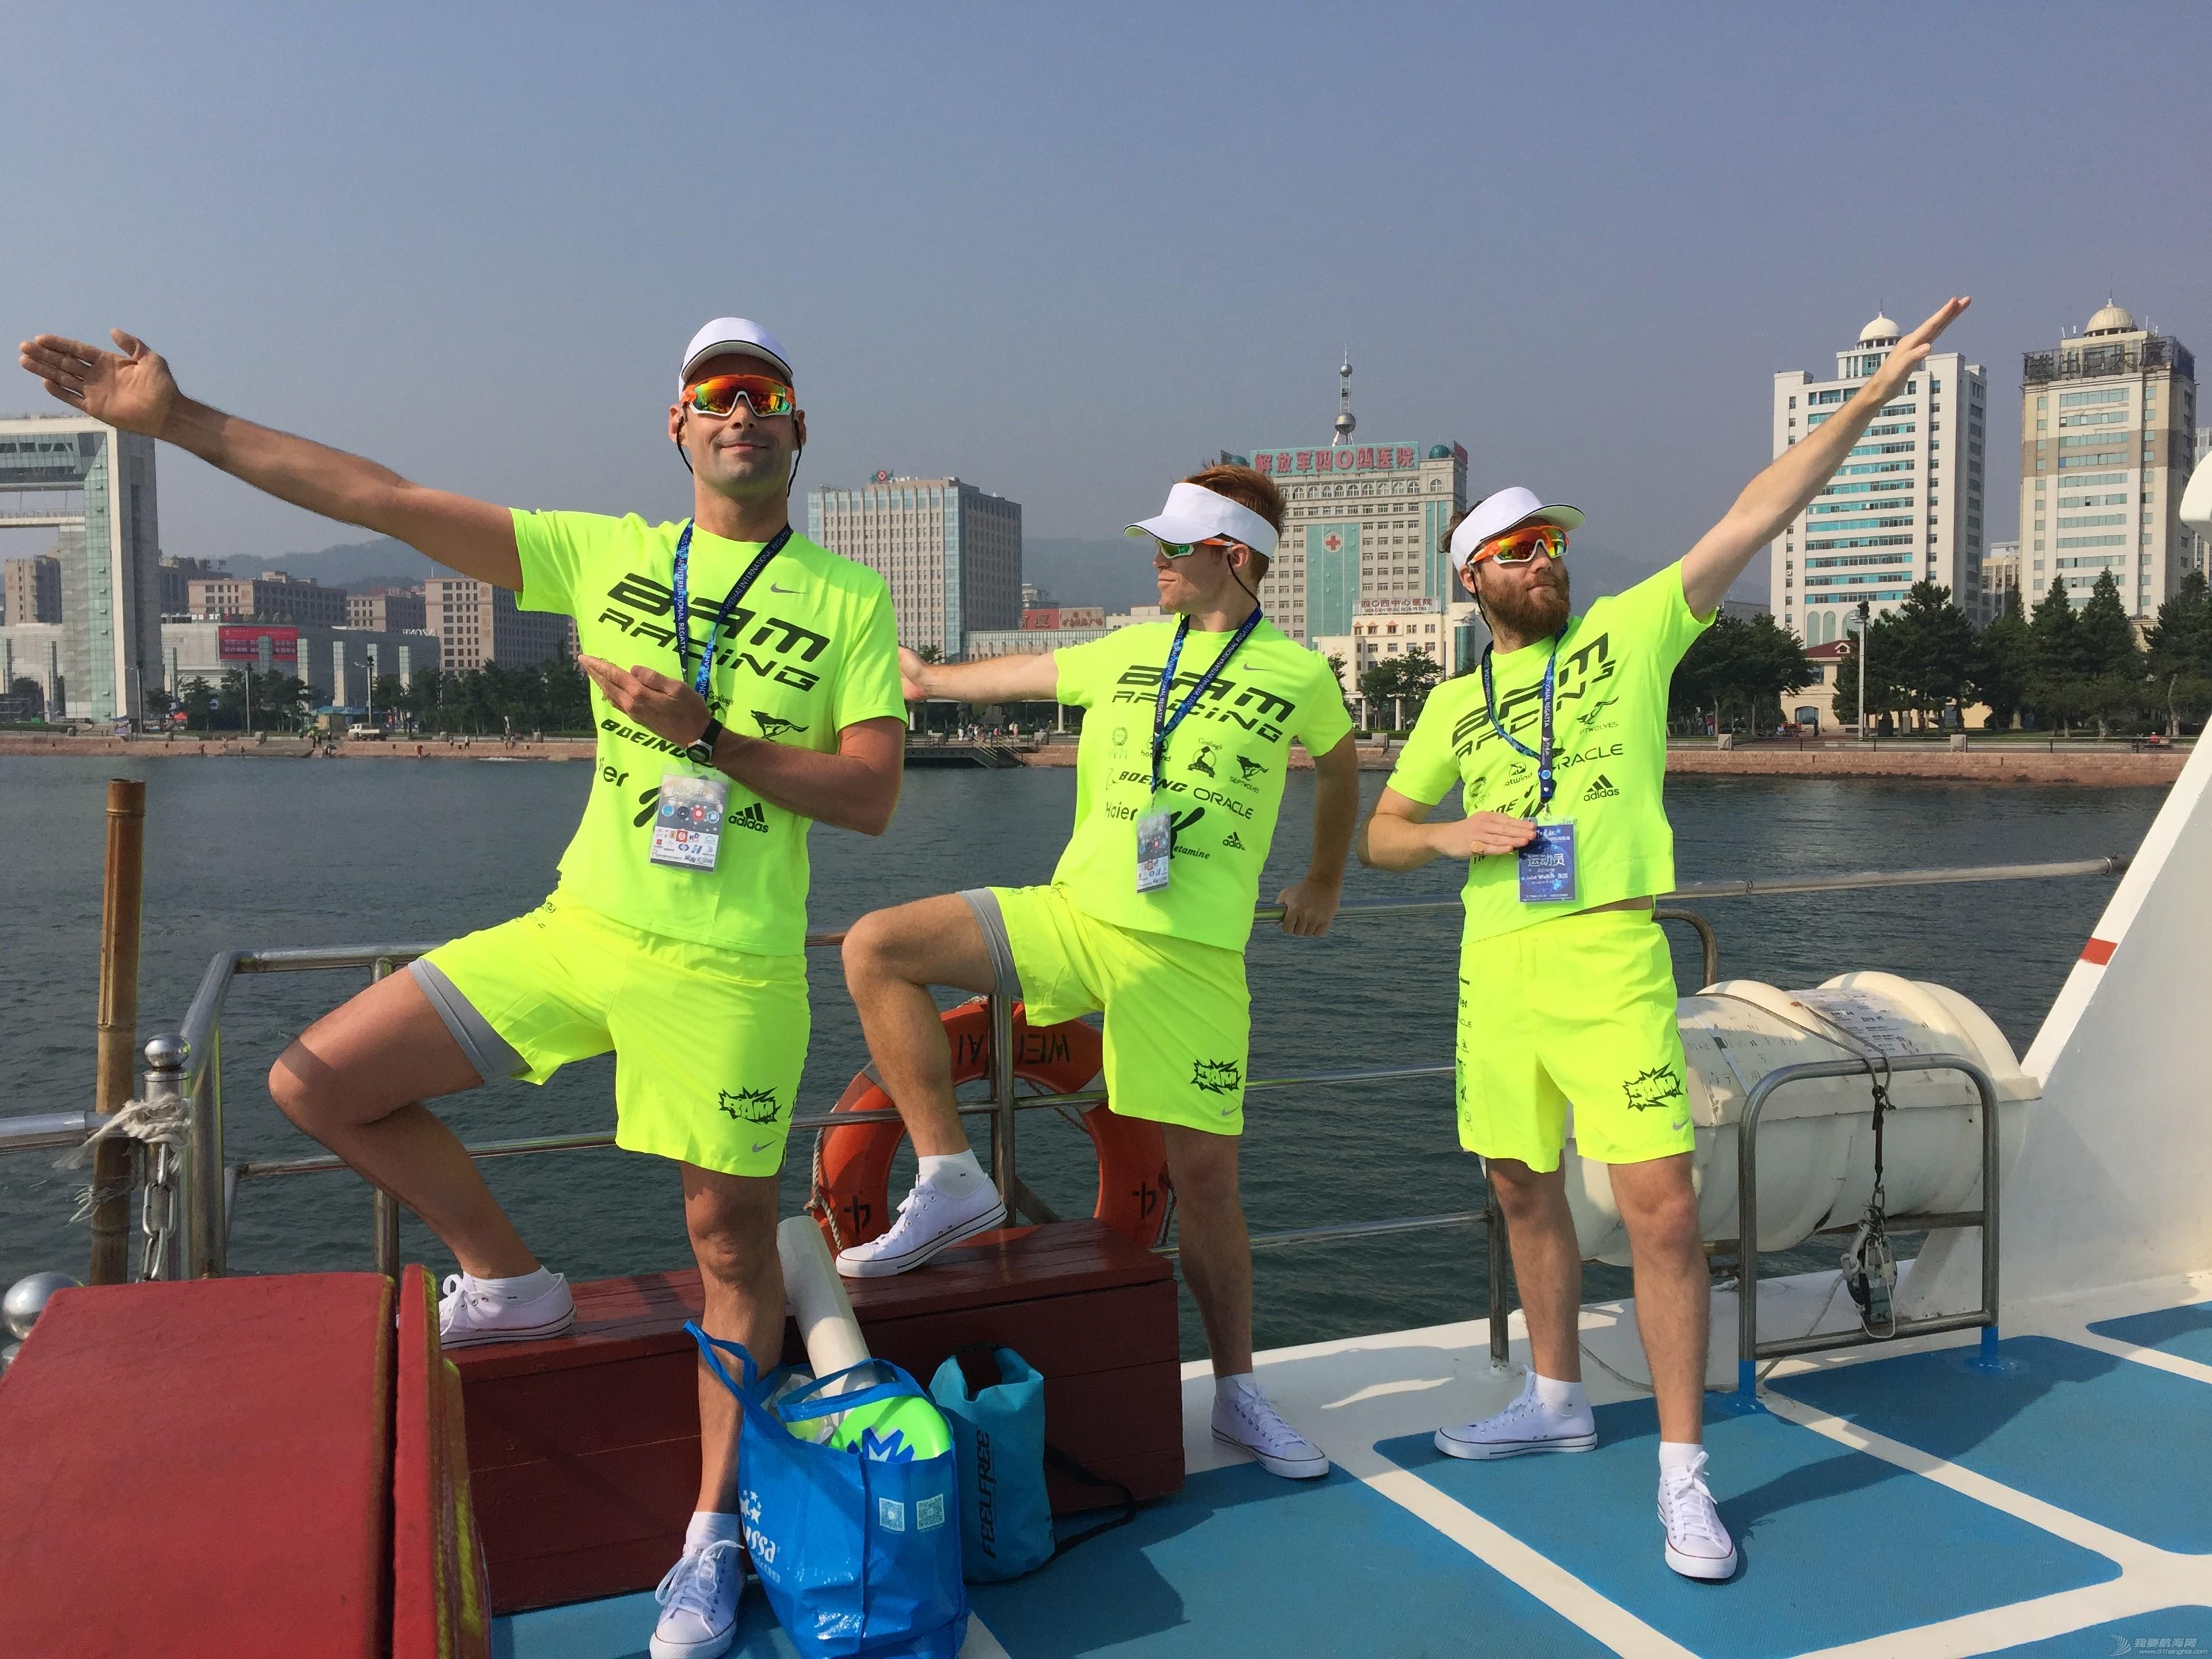 美国,朋友,帆船,国际,威海 帆船初体验——记参加威海杯国际帆船赛 高富帅的小伙伴们